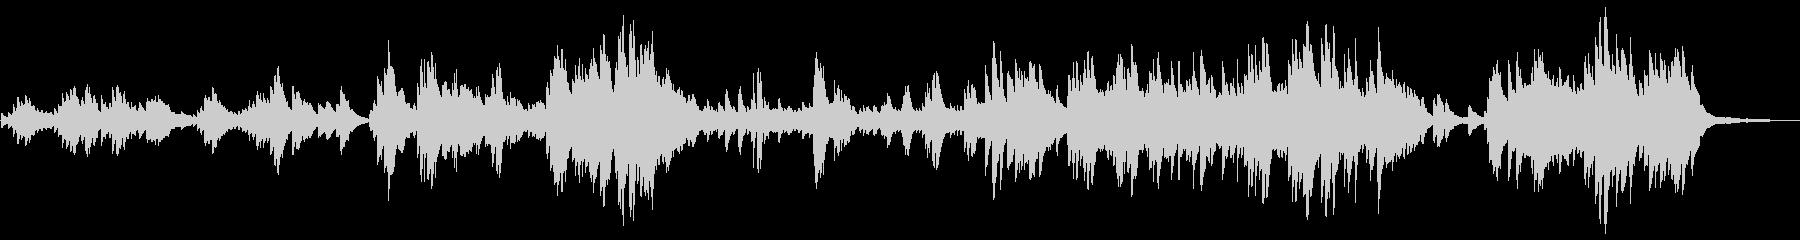 ノスタルジックで物哀しい ピアノソロの未再生の波形